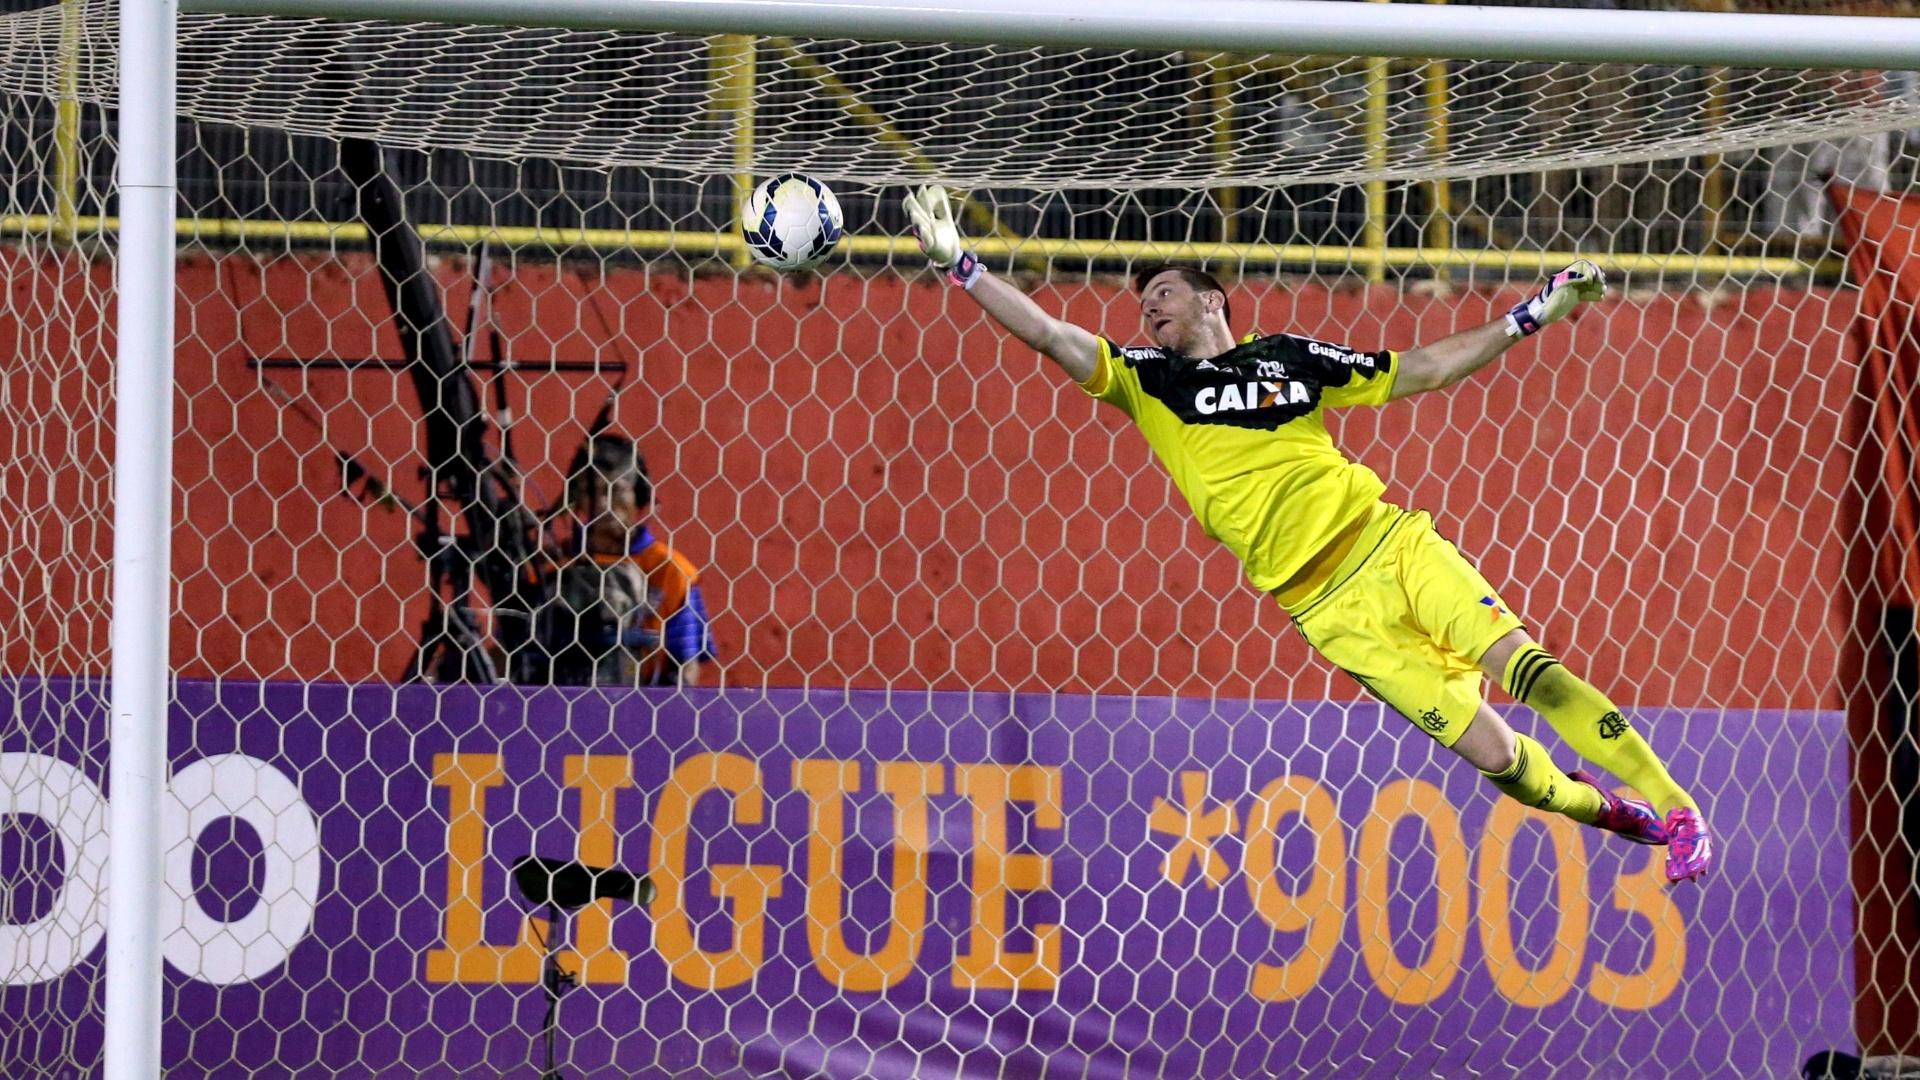 Goleiro Paulo Victor voa para defender finalização durante jogo entre Flamengo e Vitória, no Barradão